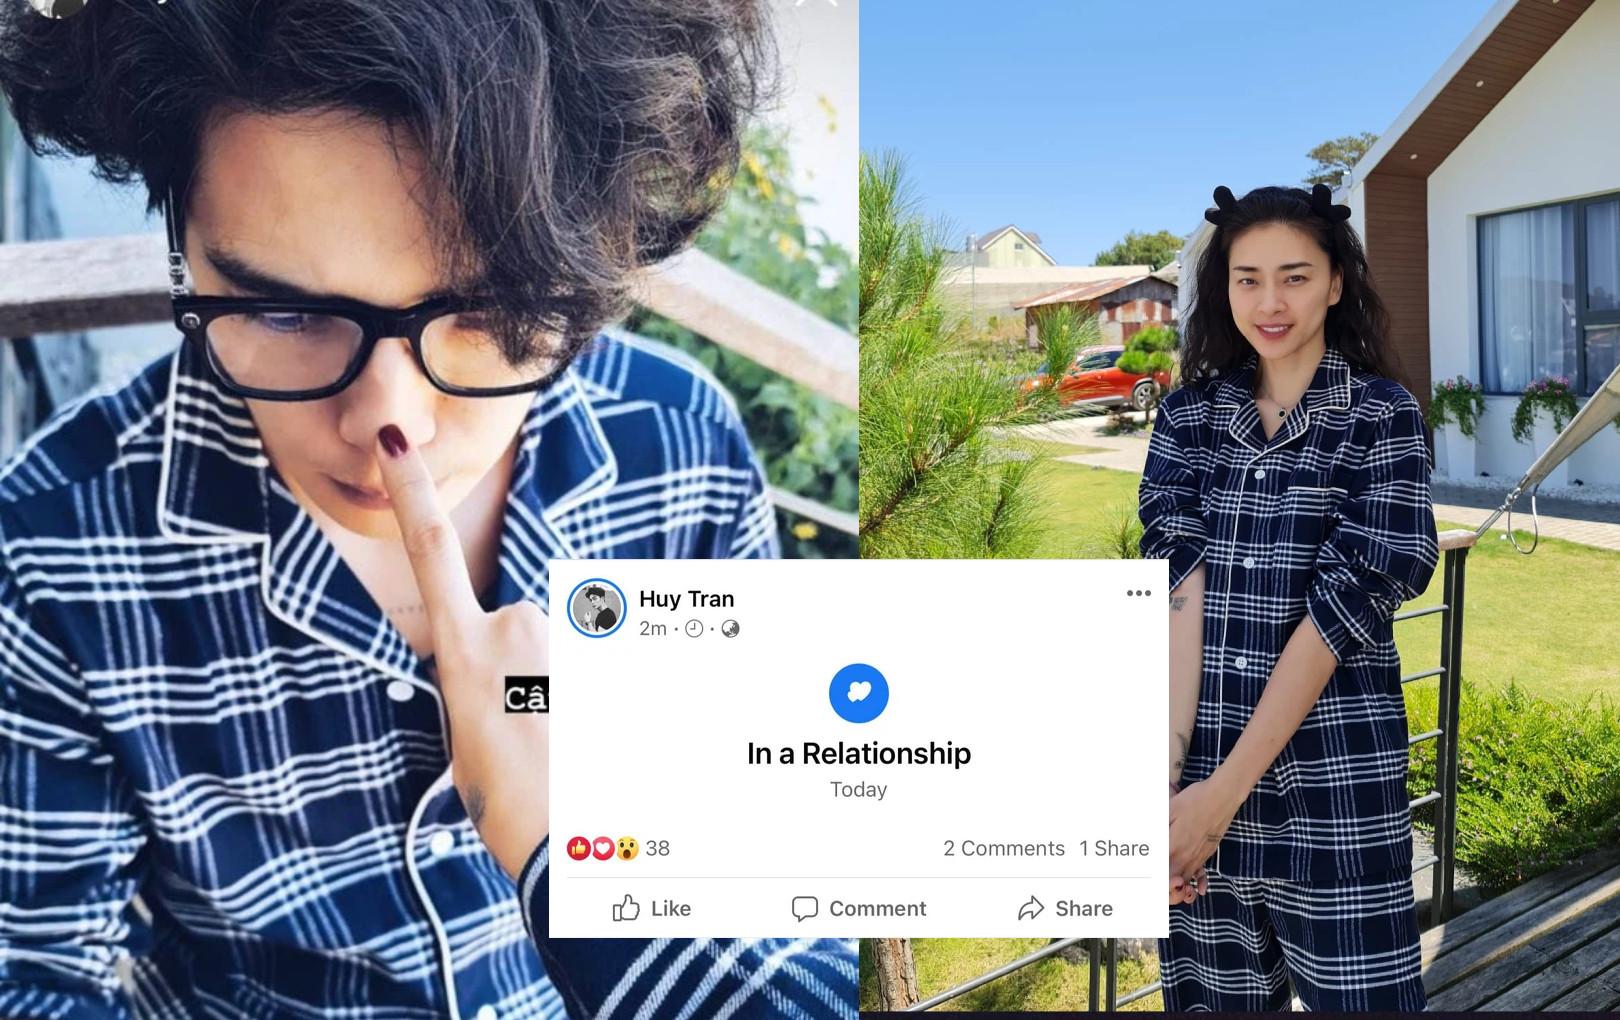 """HOT: Huy Trần chính thức công khai """"Đang hẹn hò"""" sau khi về quê Ngô Thanh Vân ăn Tết"""